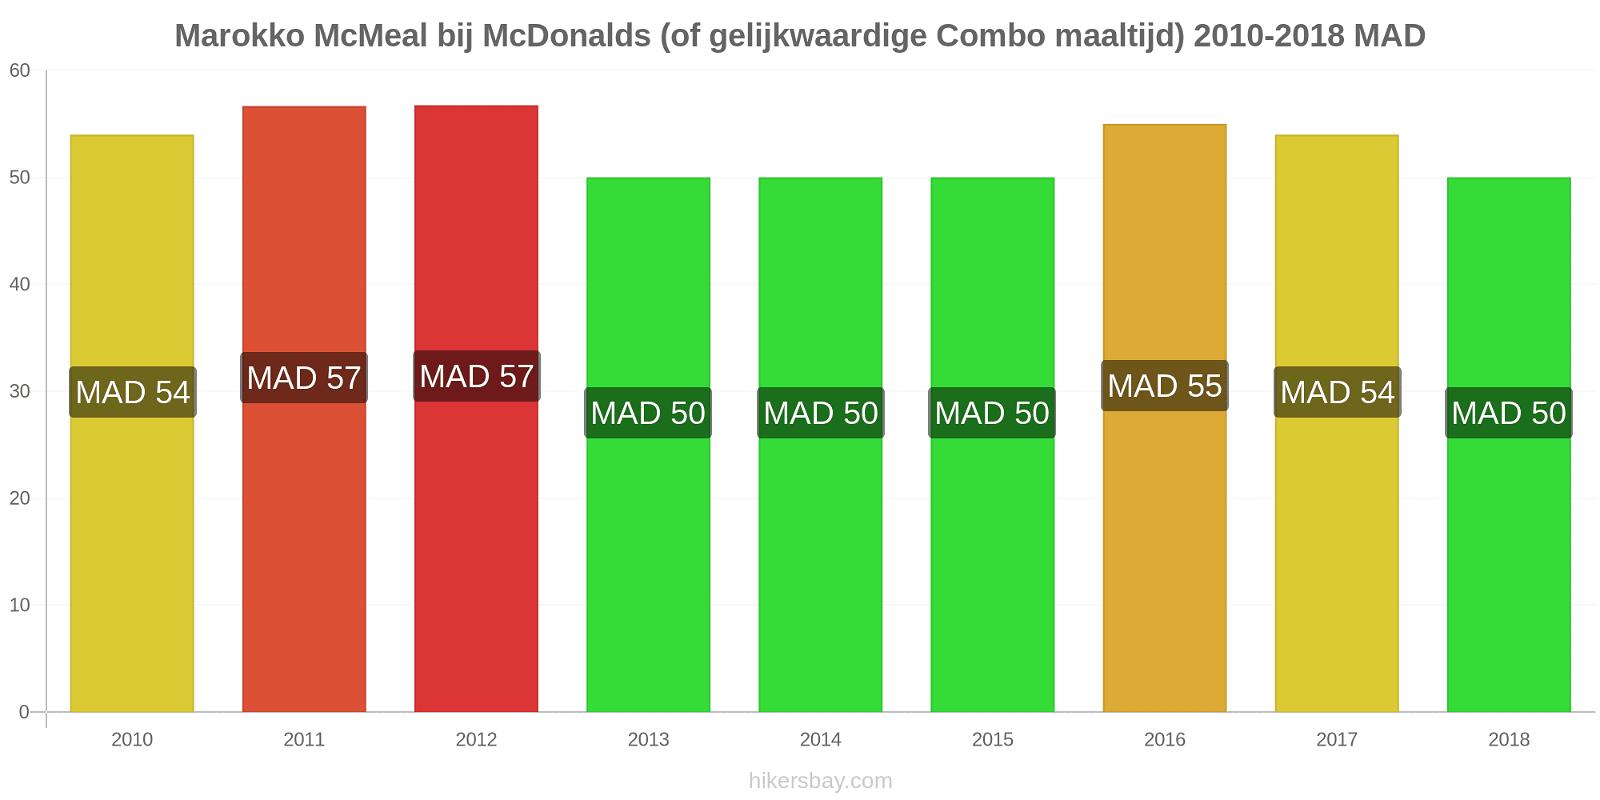 Marokko prijswijzigingen McMeal bij McDonalds (of gelijkwaardige Combo maaltijd) hikersbay.com